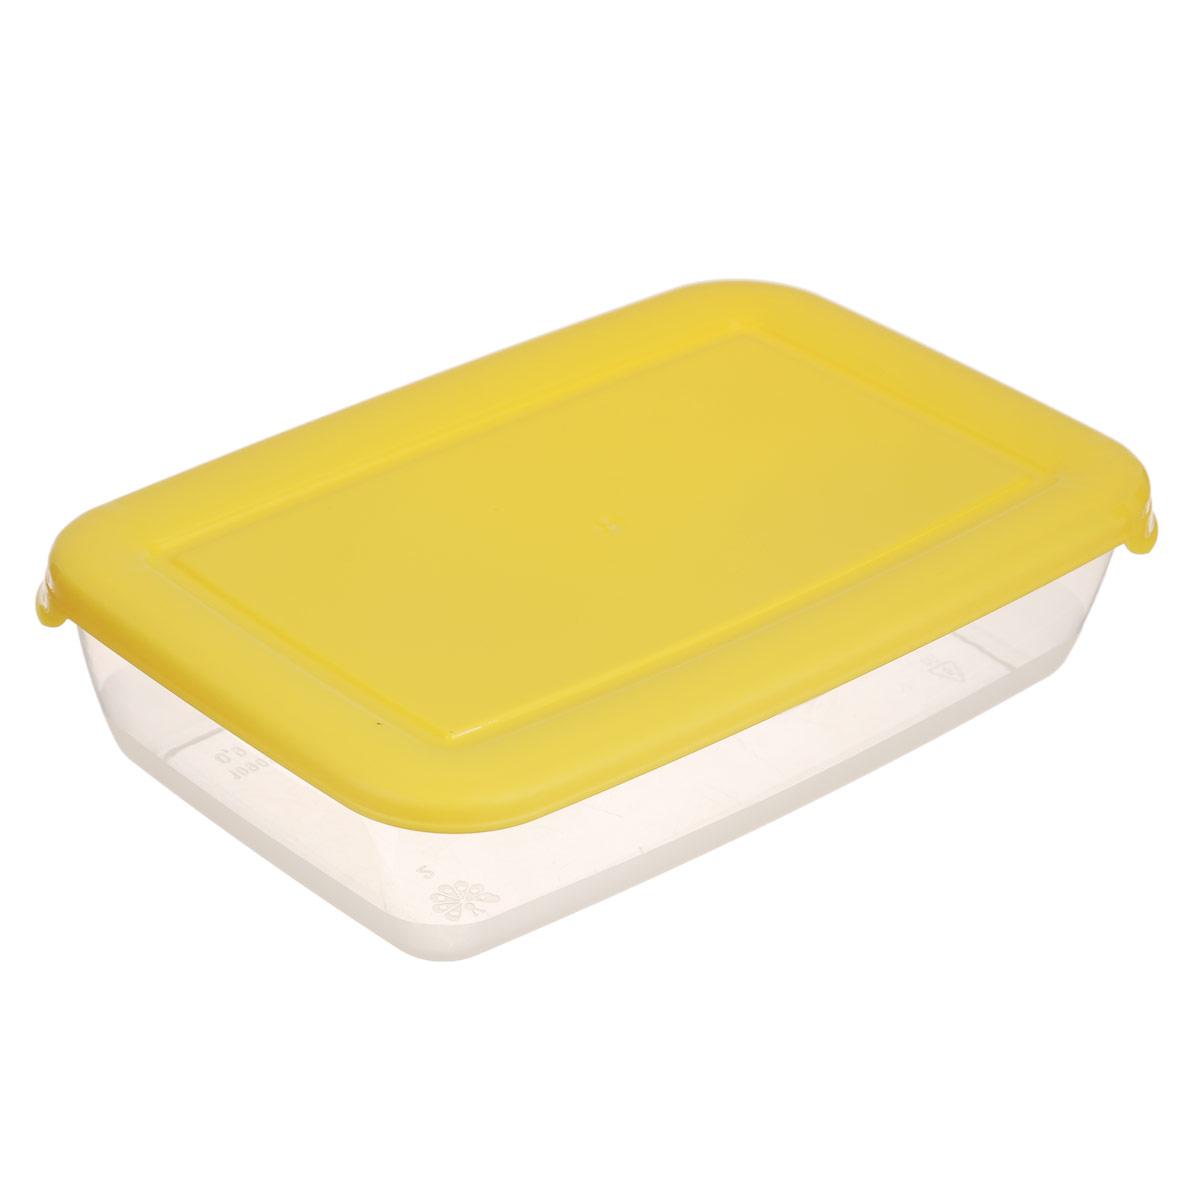 Контейнер для СВЧ Полимербыт Лайт, цвет: желтый, 900 млС552Прямоугольный контейнер для СВЧ Полимербыт Лайт изготовлен из высококачественного полипропилена, устойчивого к высоким температурам (до +120°С). Яркая цветная крышка плотно закрывается, дольше сохраняя продукты свежими и вкусными. Контейнер идеально подходит для хранения пищи, его удобно брать с собой на работу, учебу, пикник или просто использовать для хранения пищи в холодильнике.Можно использовать в микроволновой печи и для заморозки в морозильной камере при минимальной температуре -40°С.Можно мыть в посудомоечной машине.